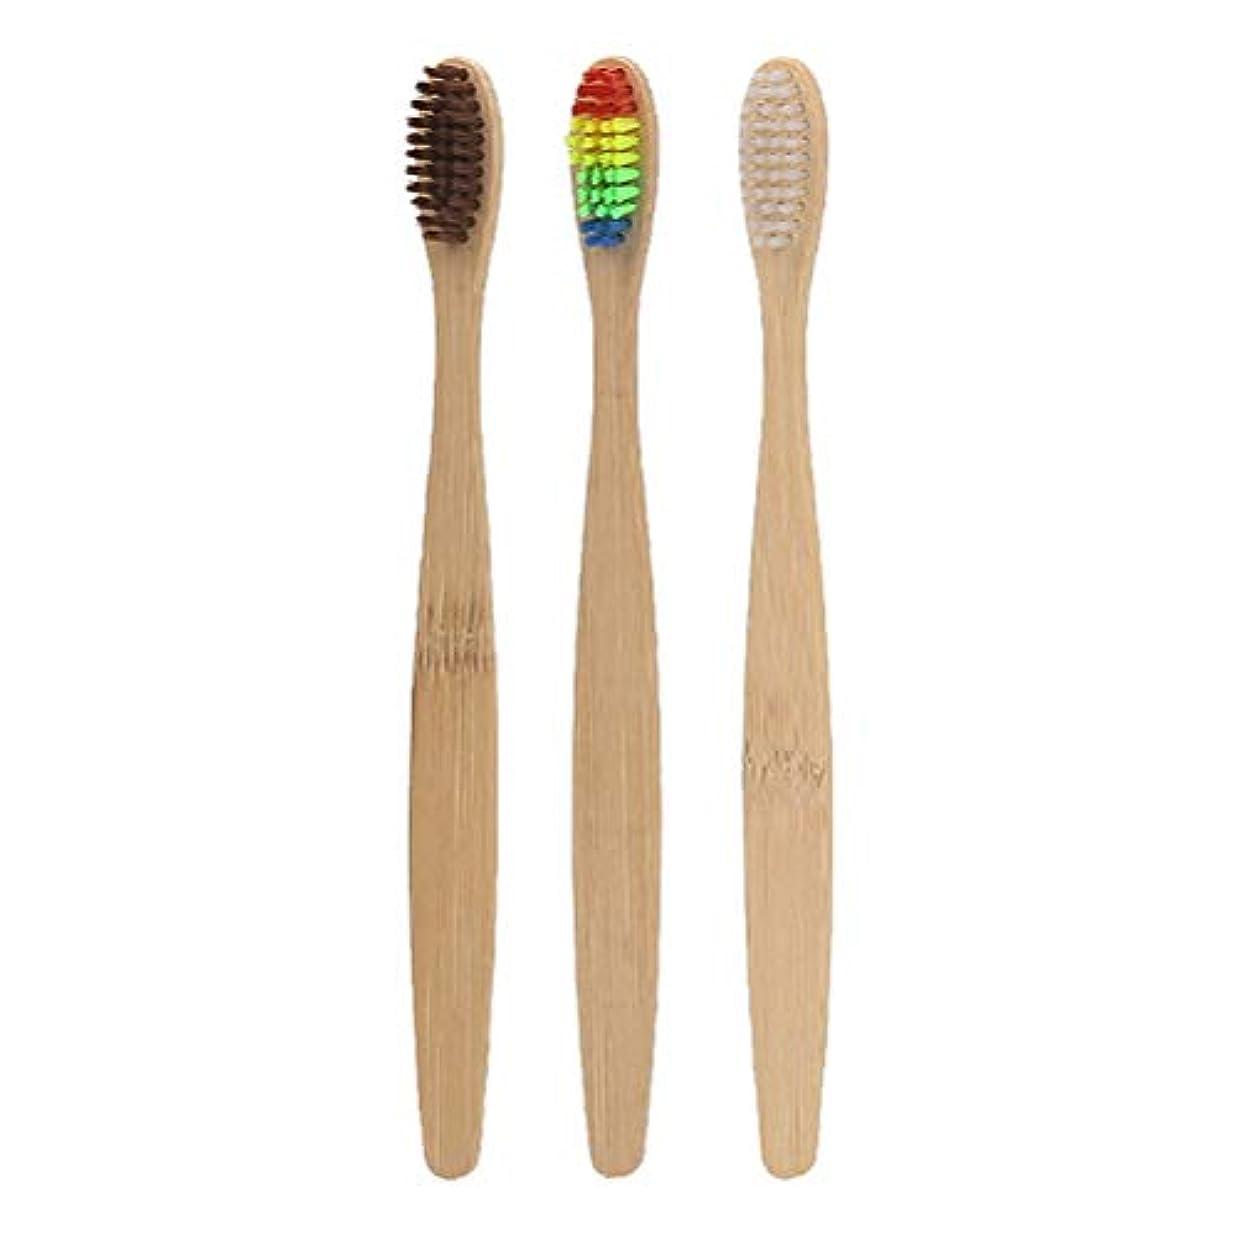 ブロンズレイプアラブHealifty 環境に優しい竹製の歯ブラシ3本の柔らかい環境に優しい竹製の歯ブラシ男性用女性